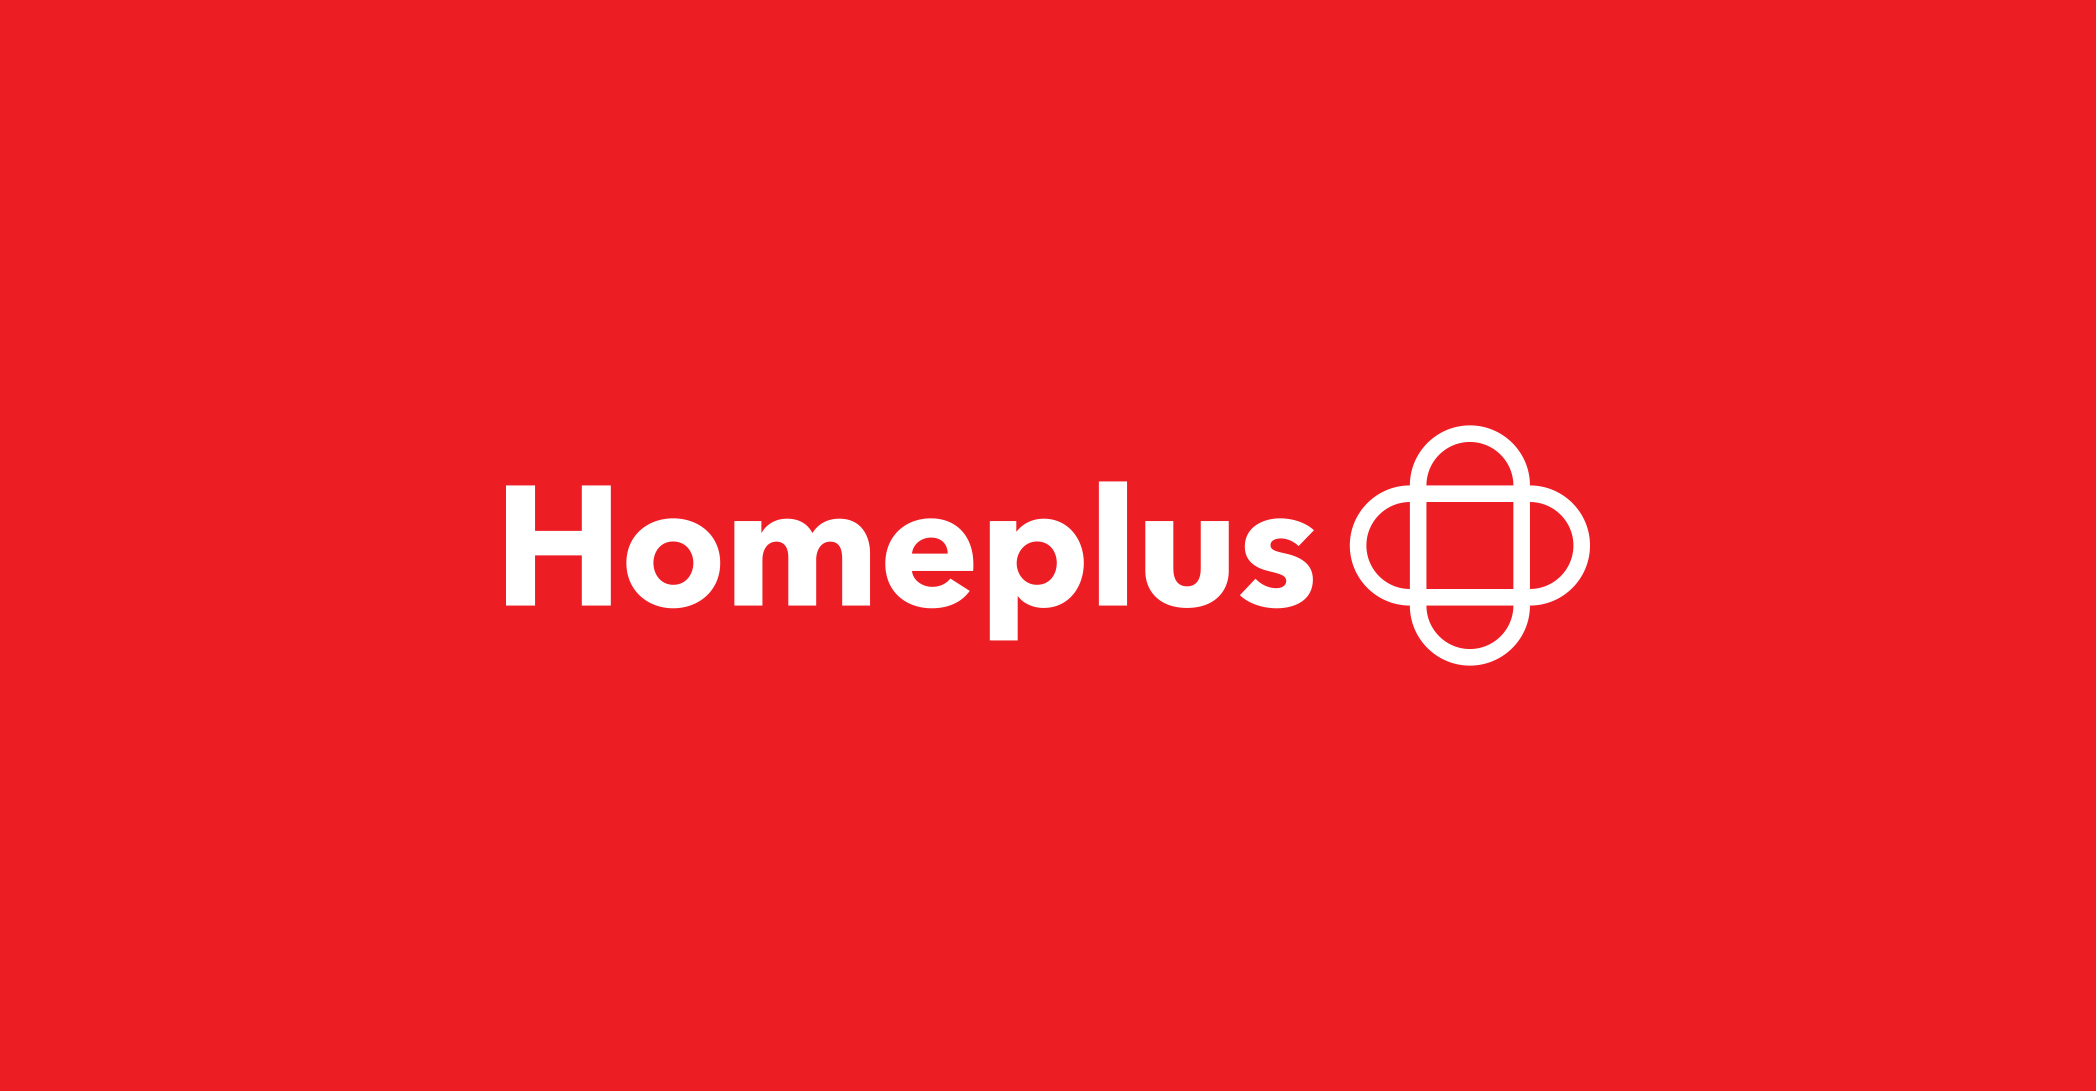 Homeplus_logo.jpg